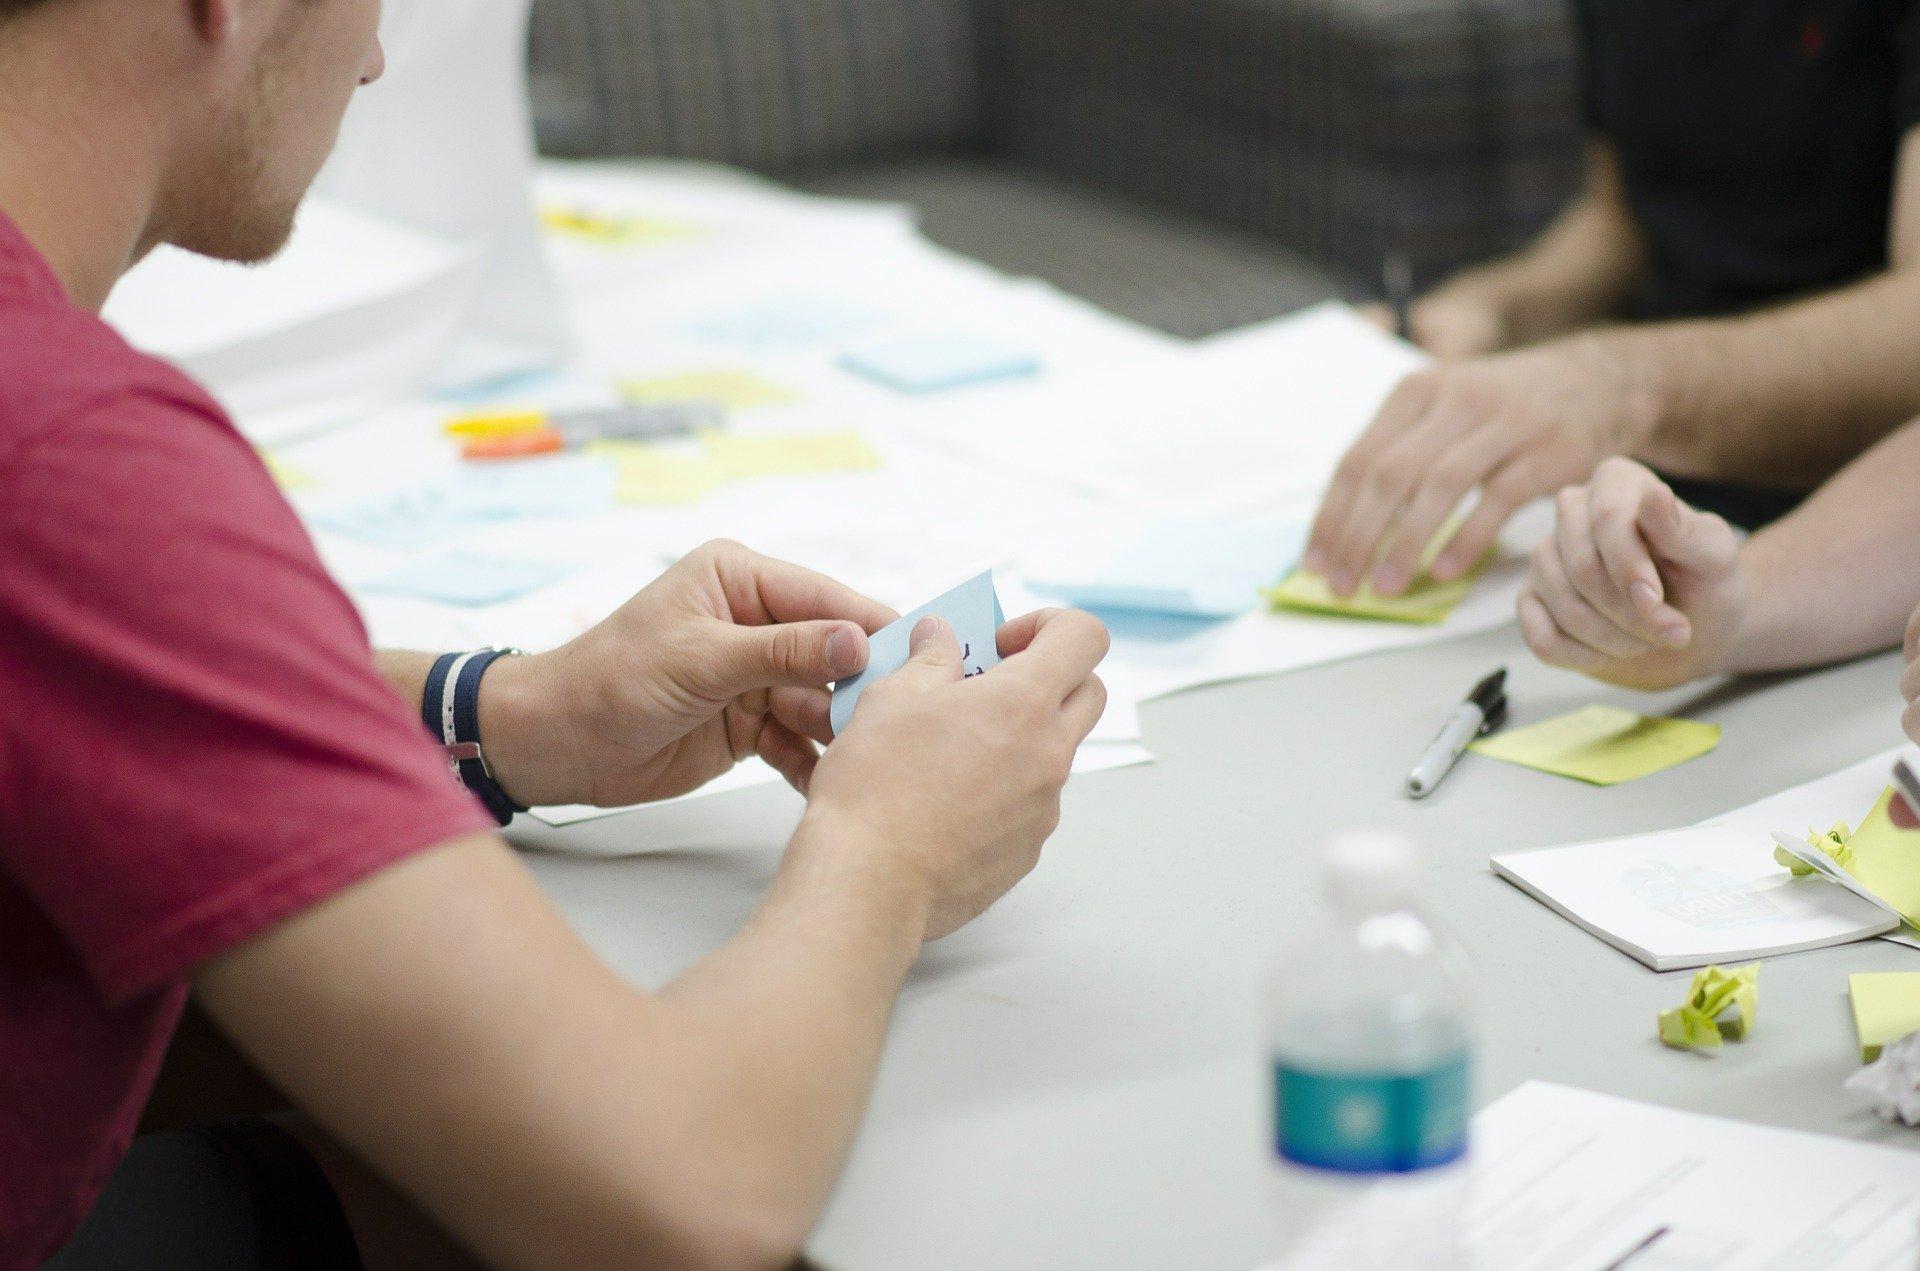 Objectifs du management visuel - Amélioration continue et codéveloppement